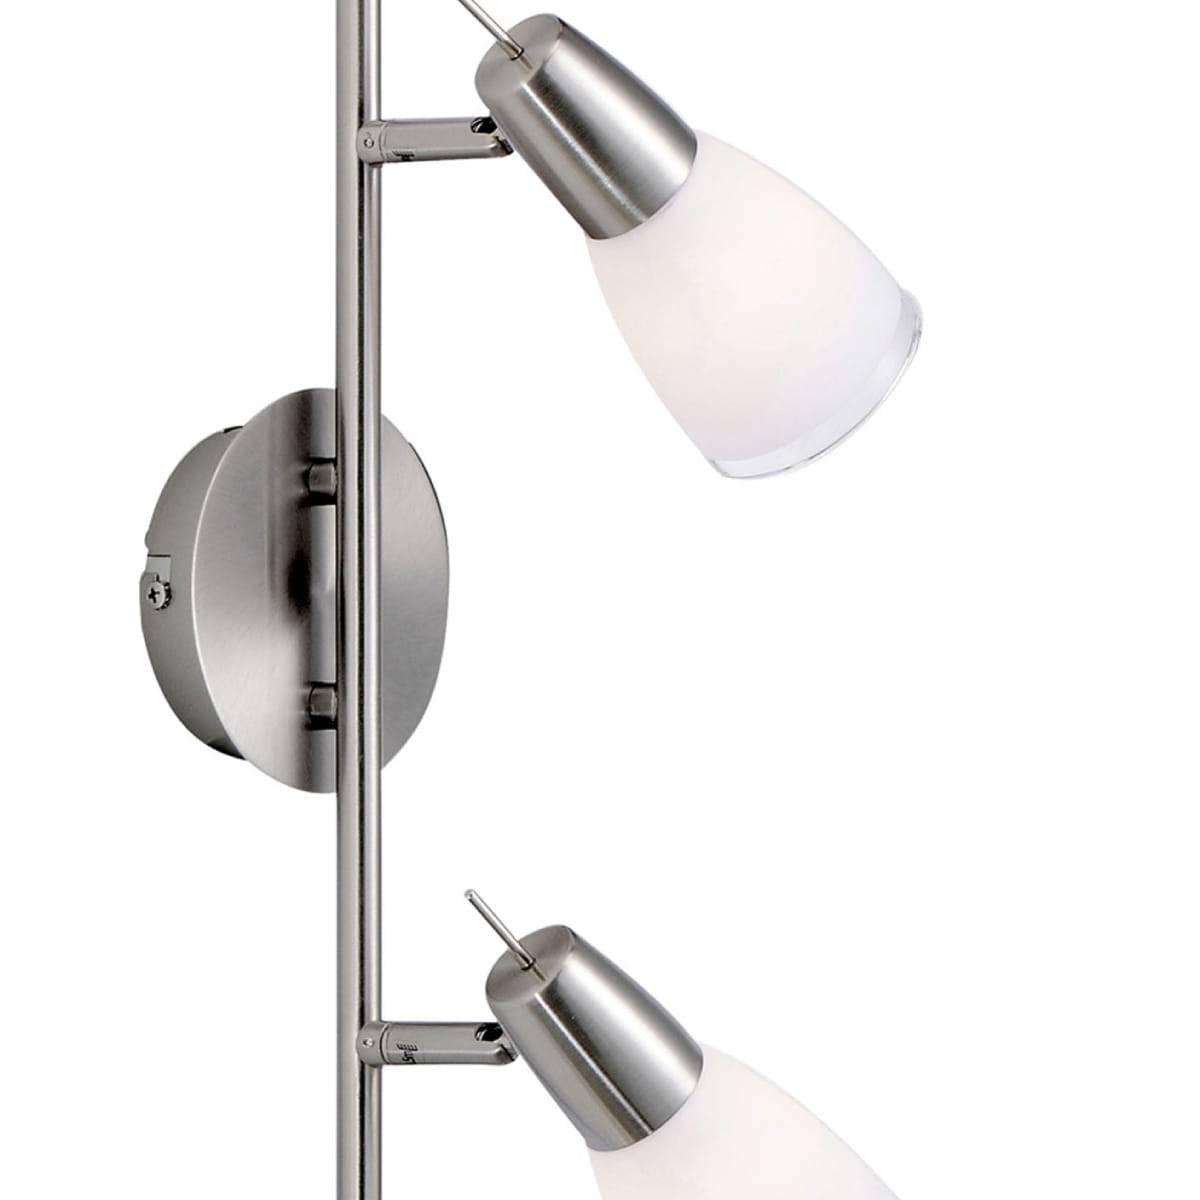 Deckenleuchte in Stahl mit 4 verstellbaren Leuchtköpfen und warmweißer Lichtfarbe strahlt blendfrei